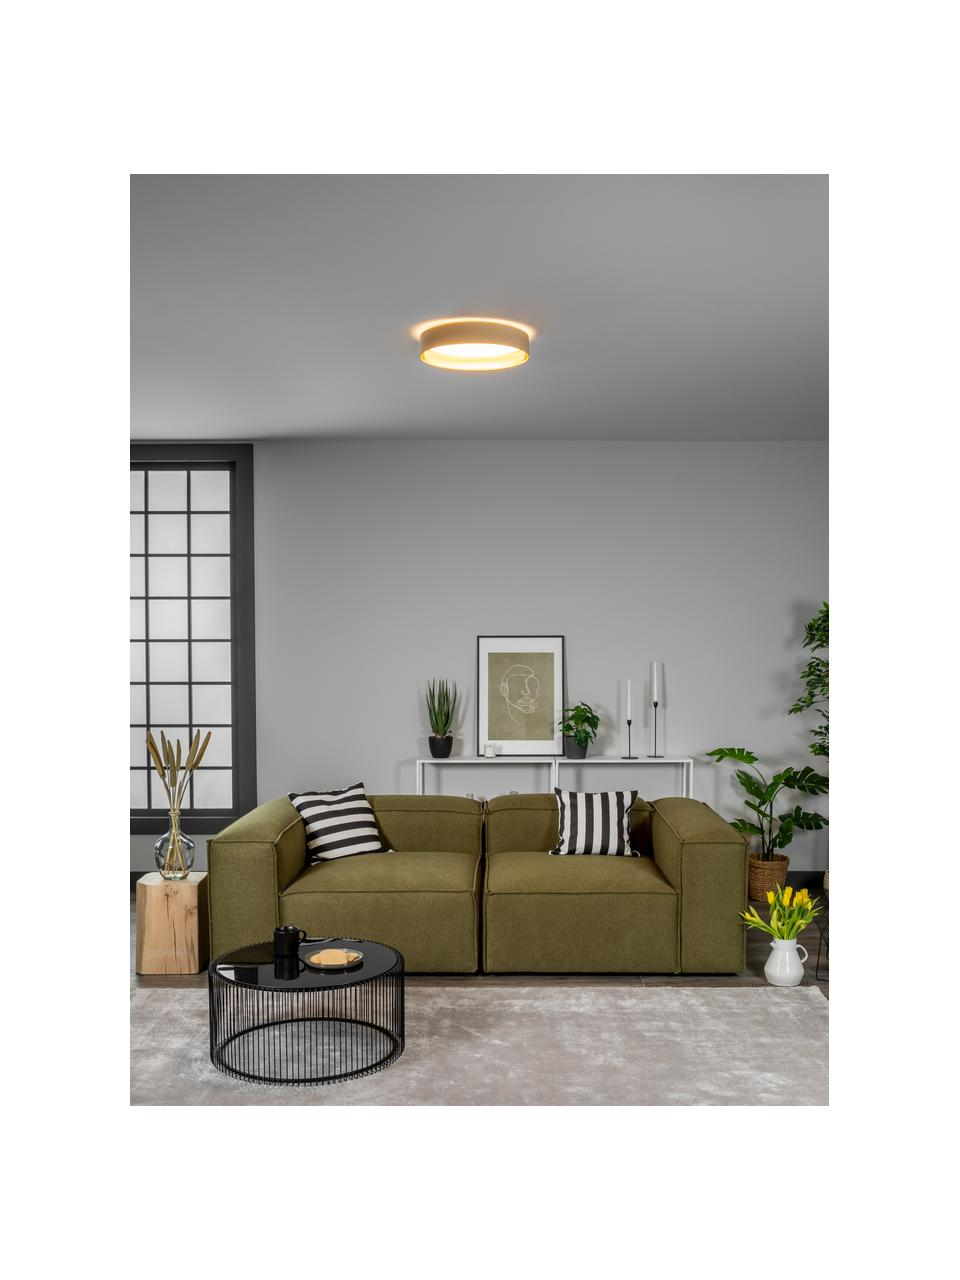 Lampa sufitowa LED Mallory, Taupe, Ø 41 x W 10 cm